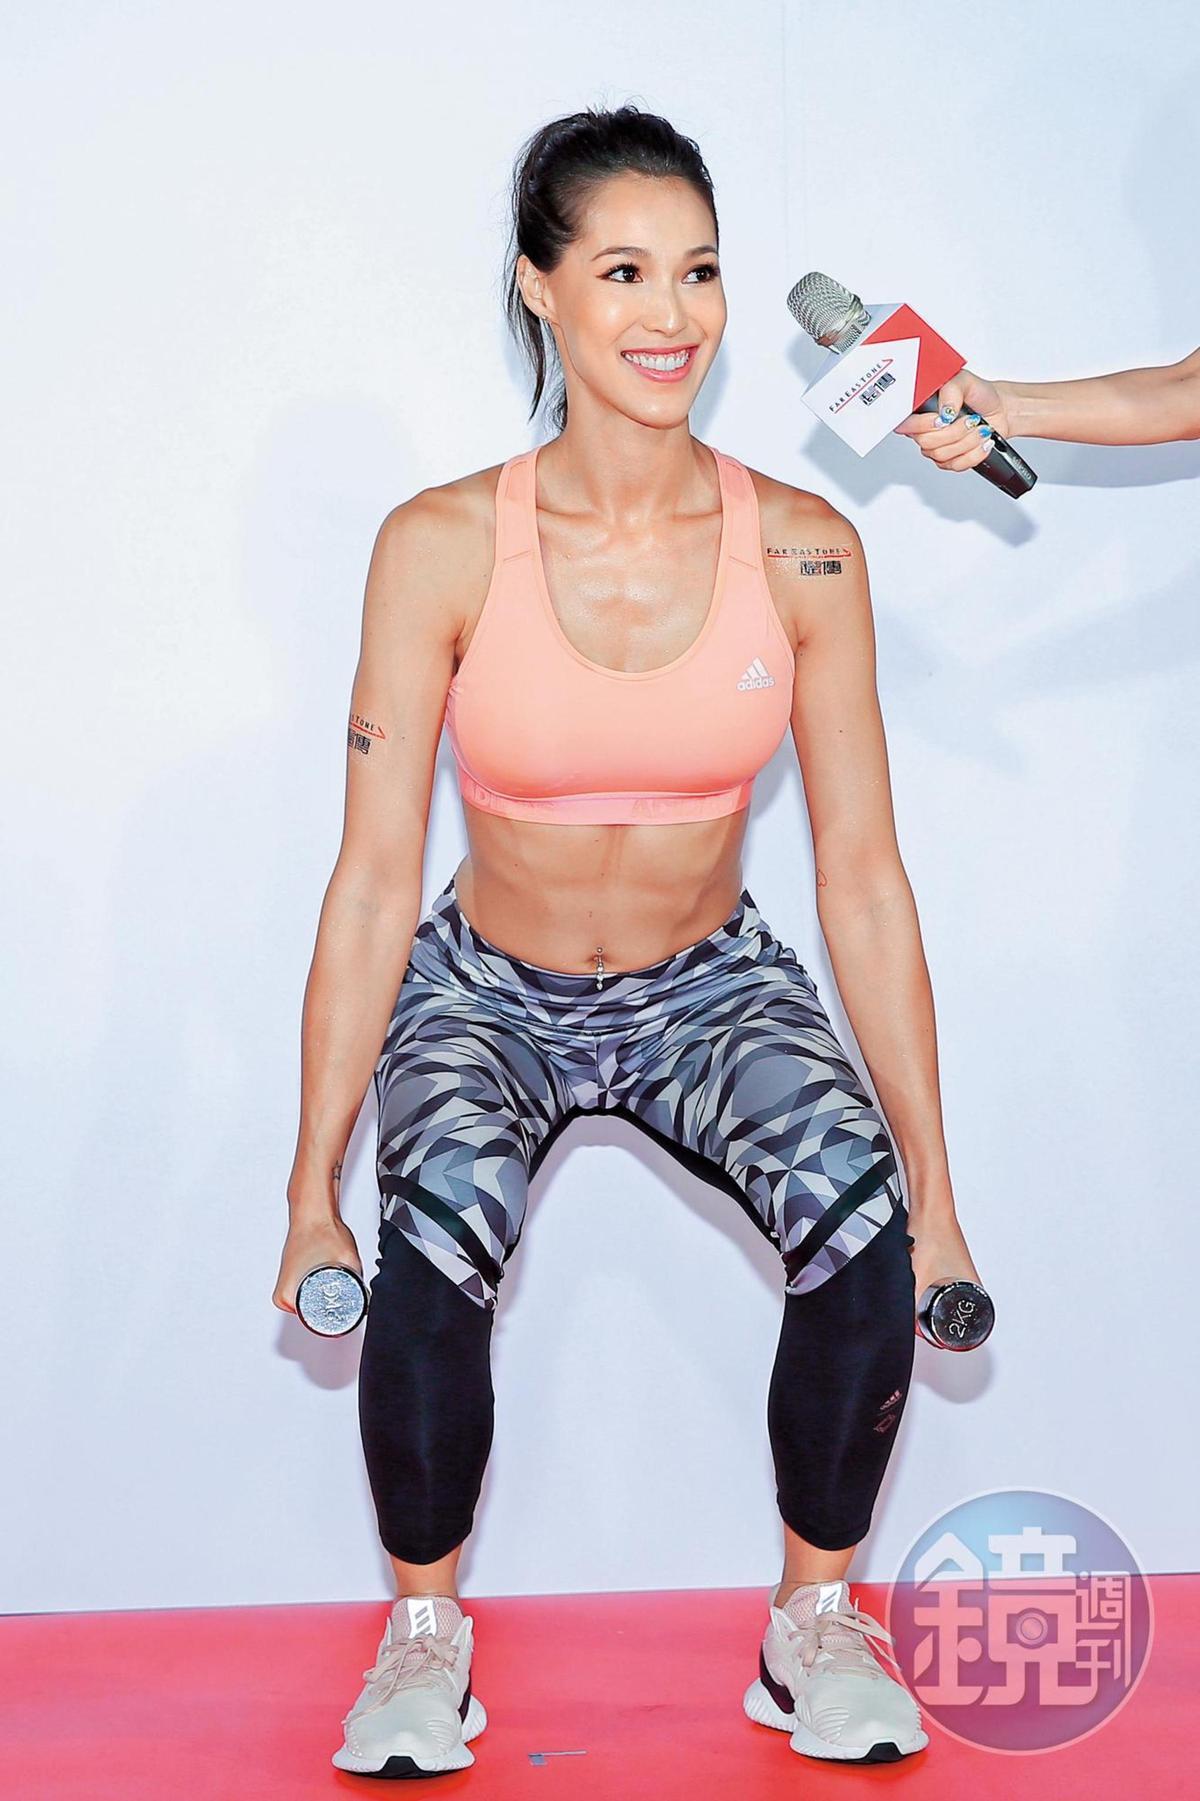 Akemi靠著跟錦榮在健身房進進進出獲得不少版面,也得到出席活動撈錢的機會。